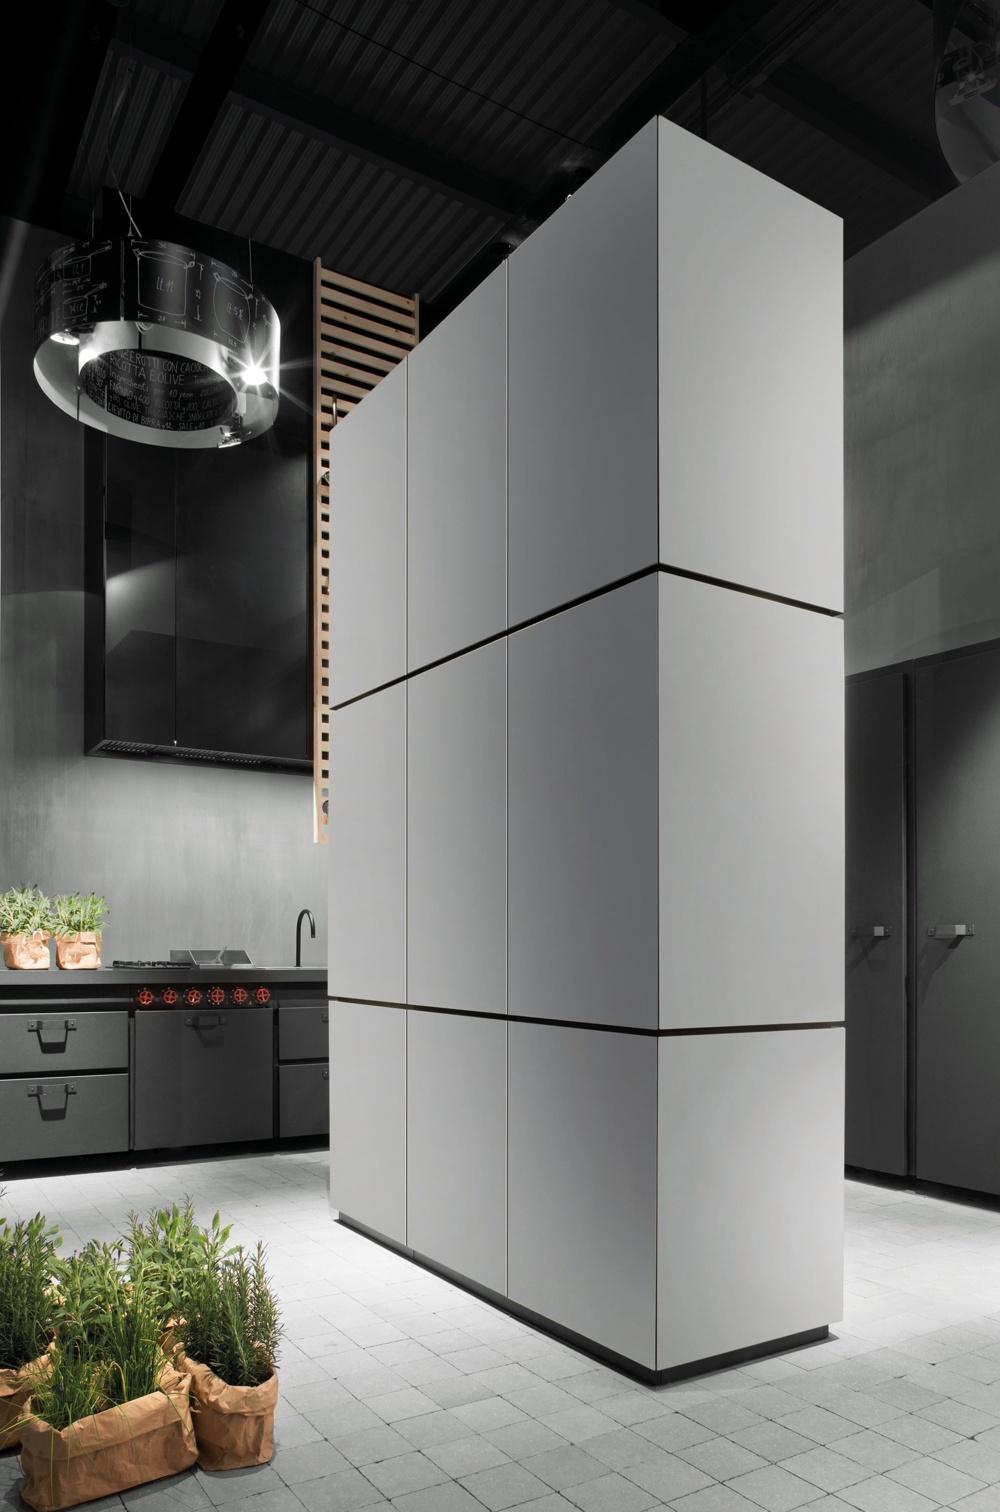 Индустриальный стиль в интерьере кухни: серый фасад кухонного шкафа